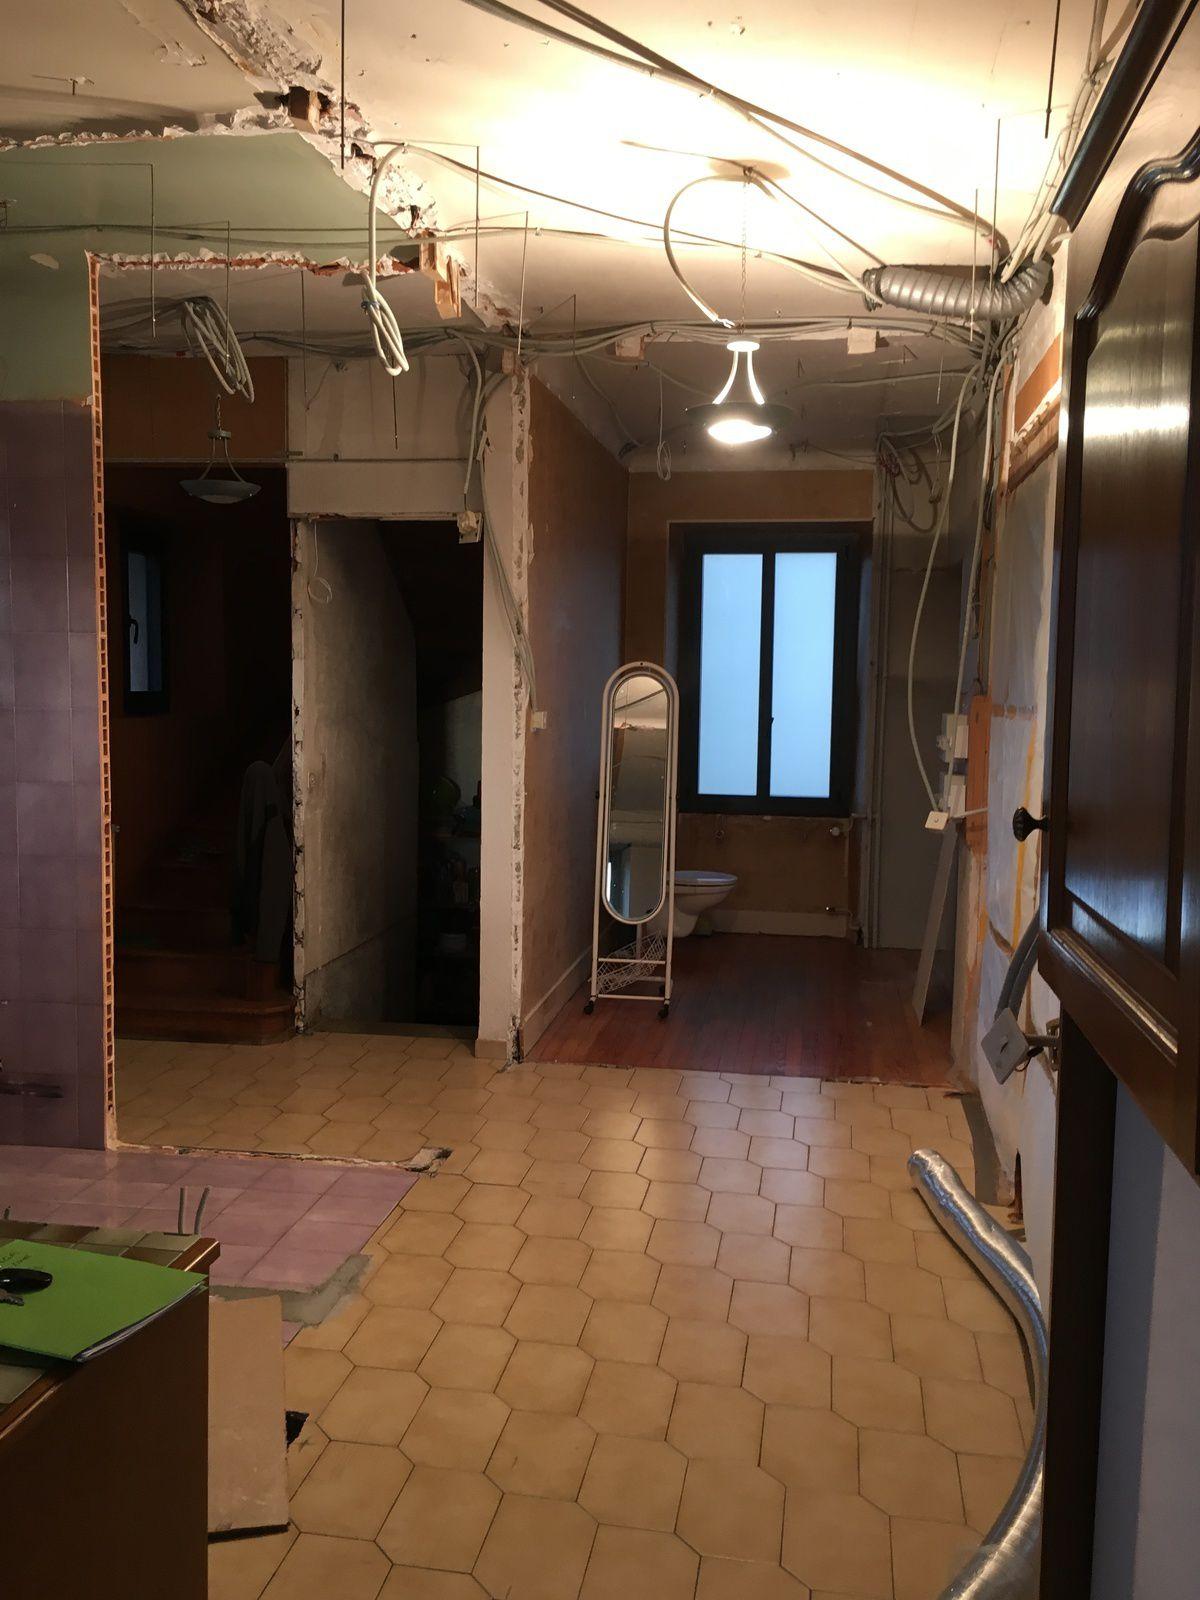 dernier chantier renovation interieurement votre cuisine bains dressing electromenager. Black Bedroom Furniture Sets. Home Design Ideas